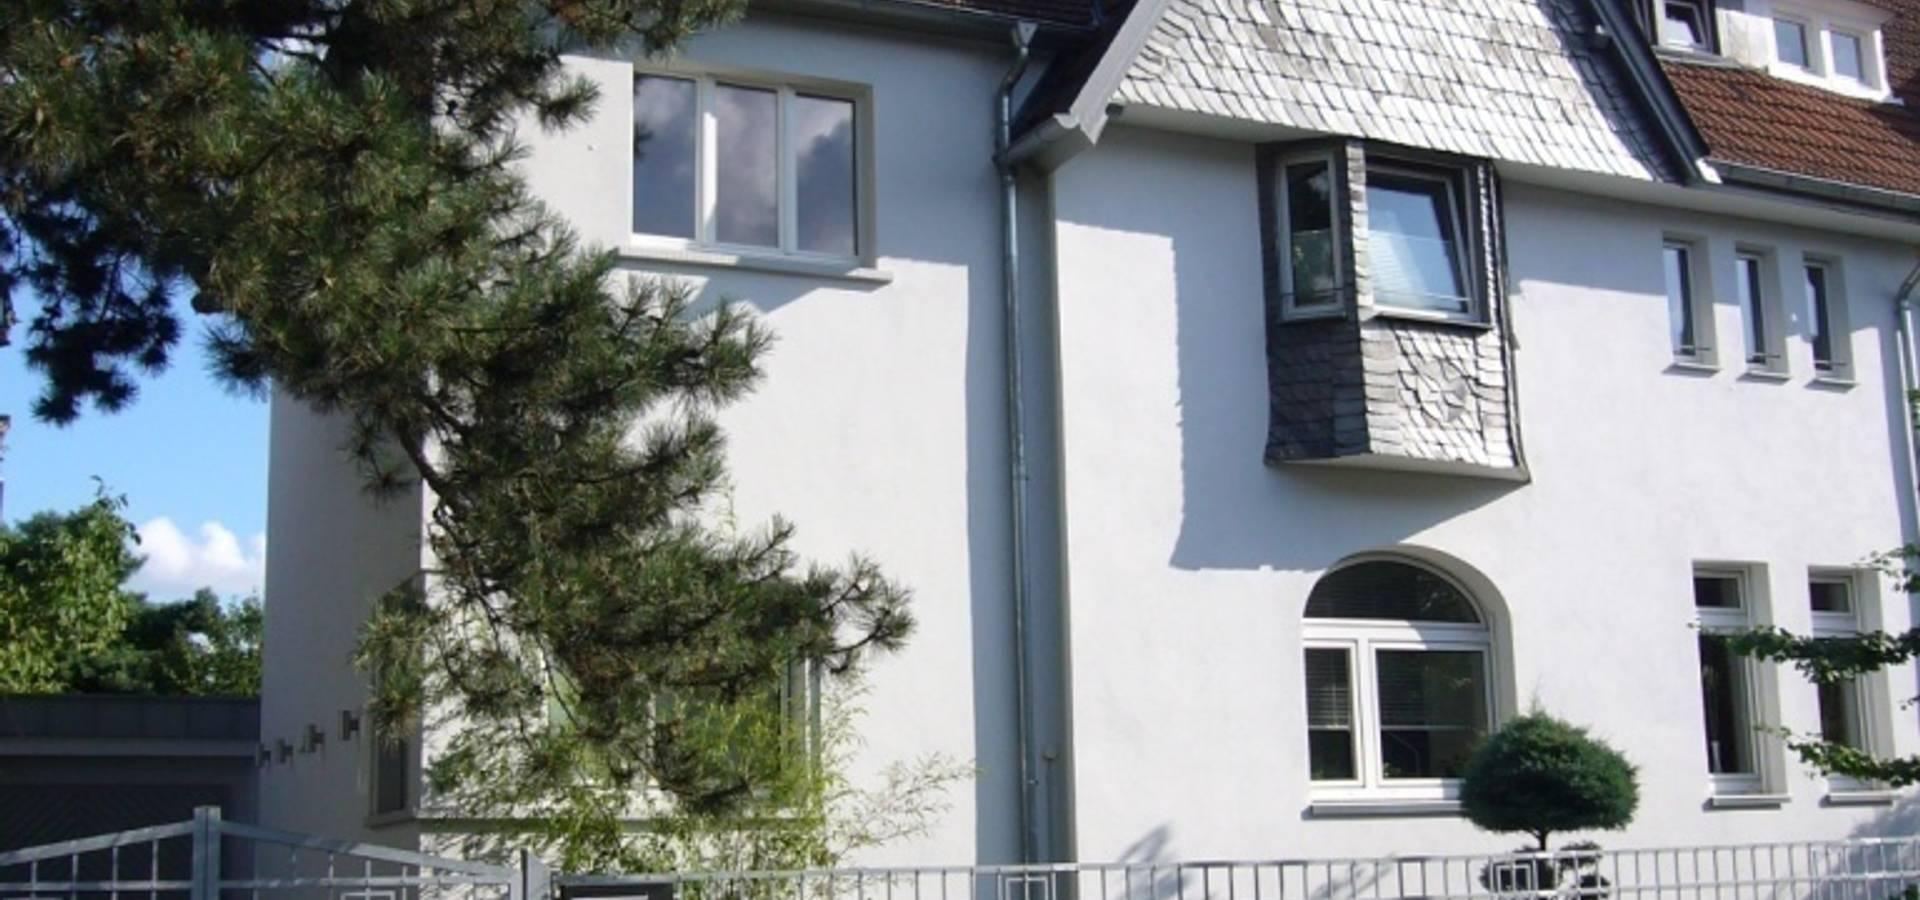 Ketterer innenarchitektur umbau privathaus mainz homify for Innenarchitektur 1920